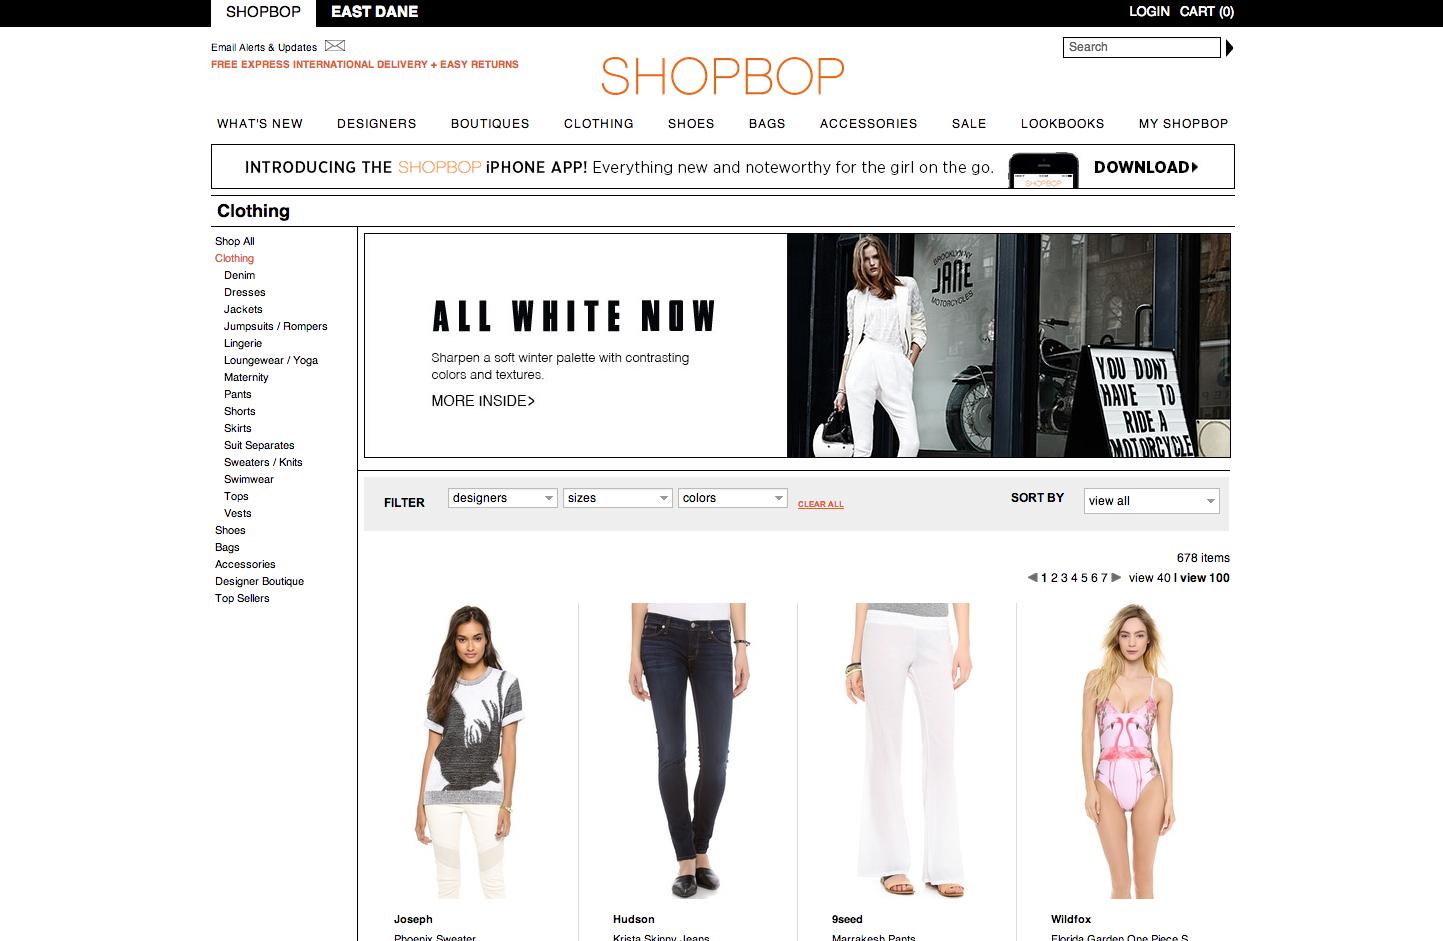 Online Alışverişte Ekstra Fırsatlar Dönemi